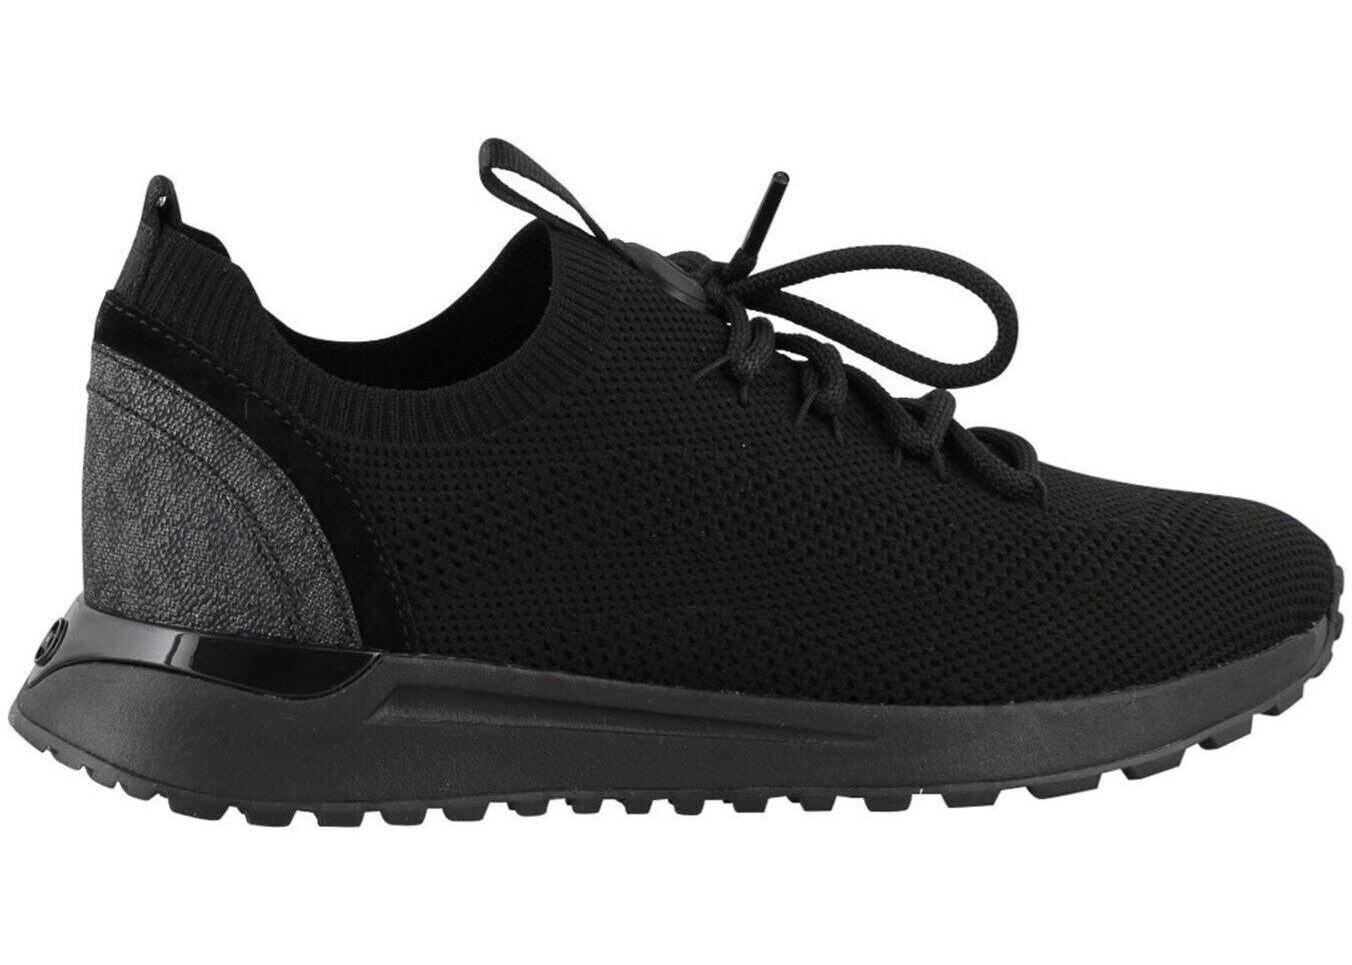 Michael Kors Bodie Sneakers In Black* Black